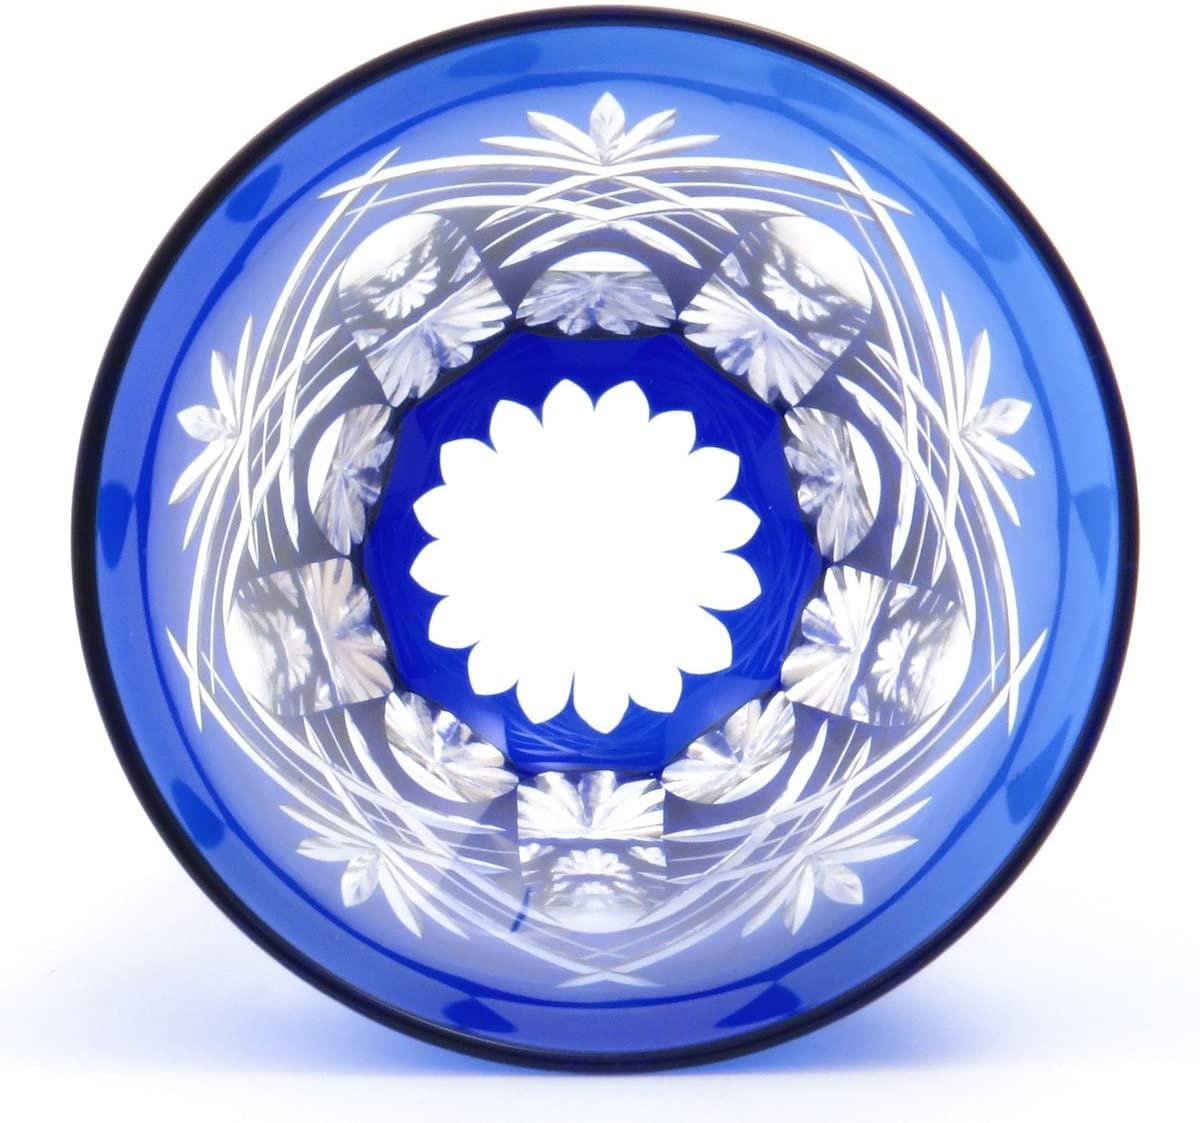 すみだ江戸切子館(すみだえどきりこかん)焼酎グラス (化粧箱入) 重ね剣矢来 (藍) KY-44の商品画像3